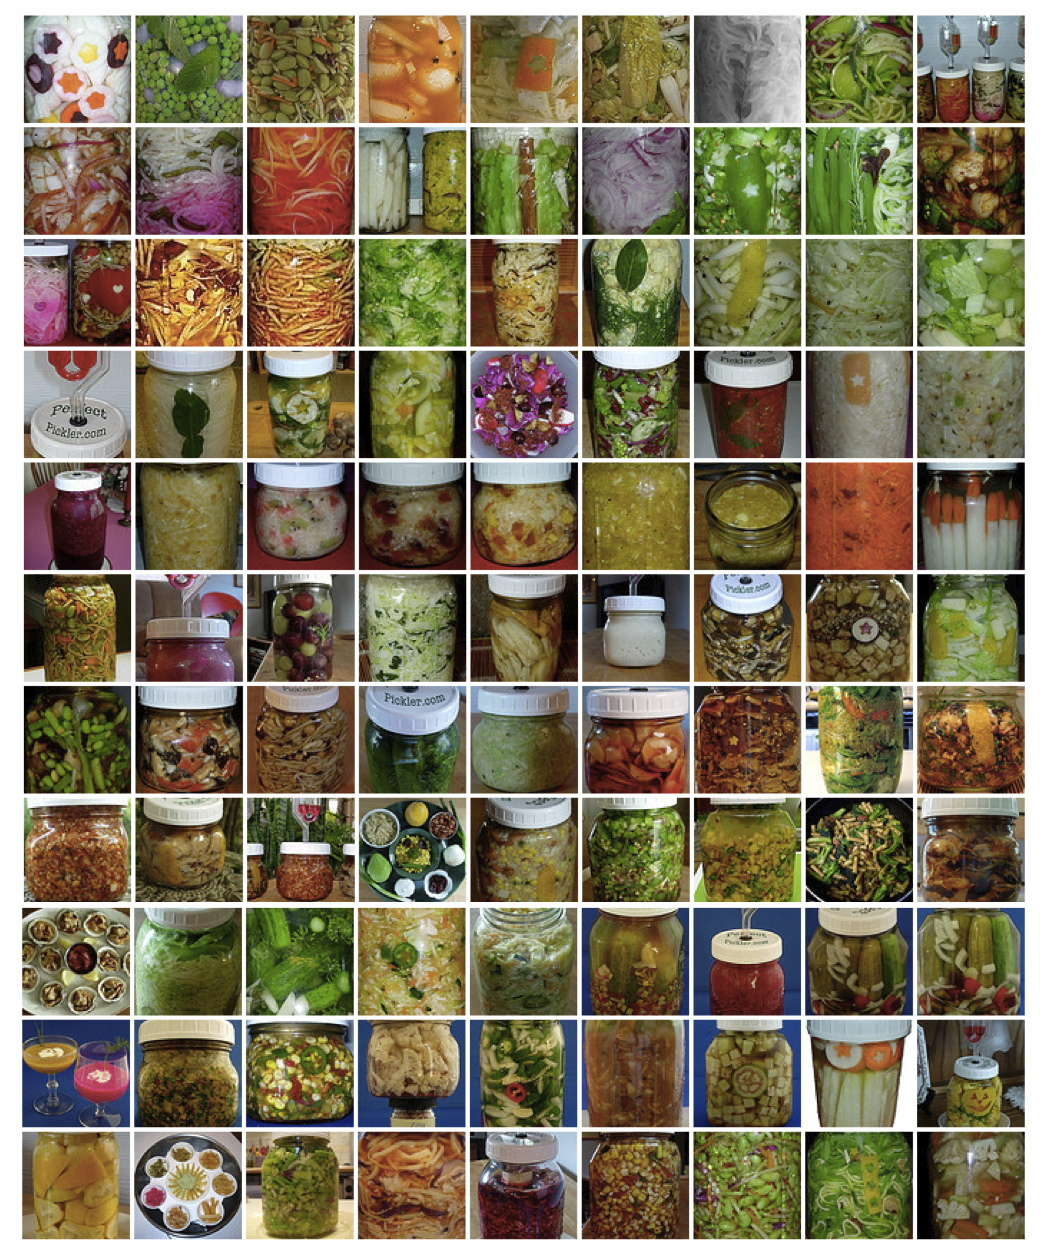 99-pickles-montage.jpg